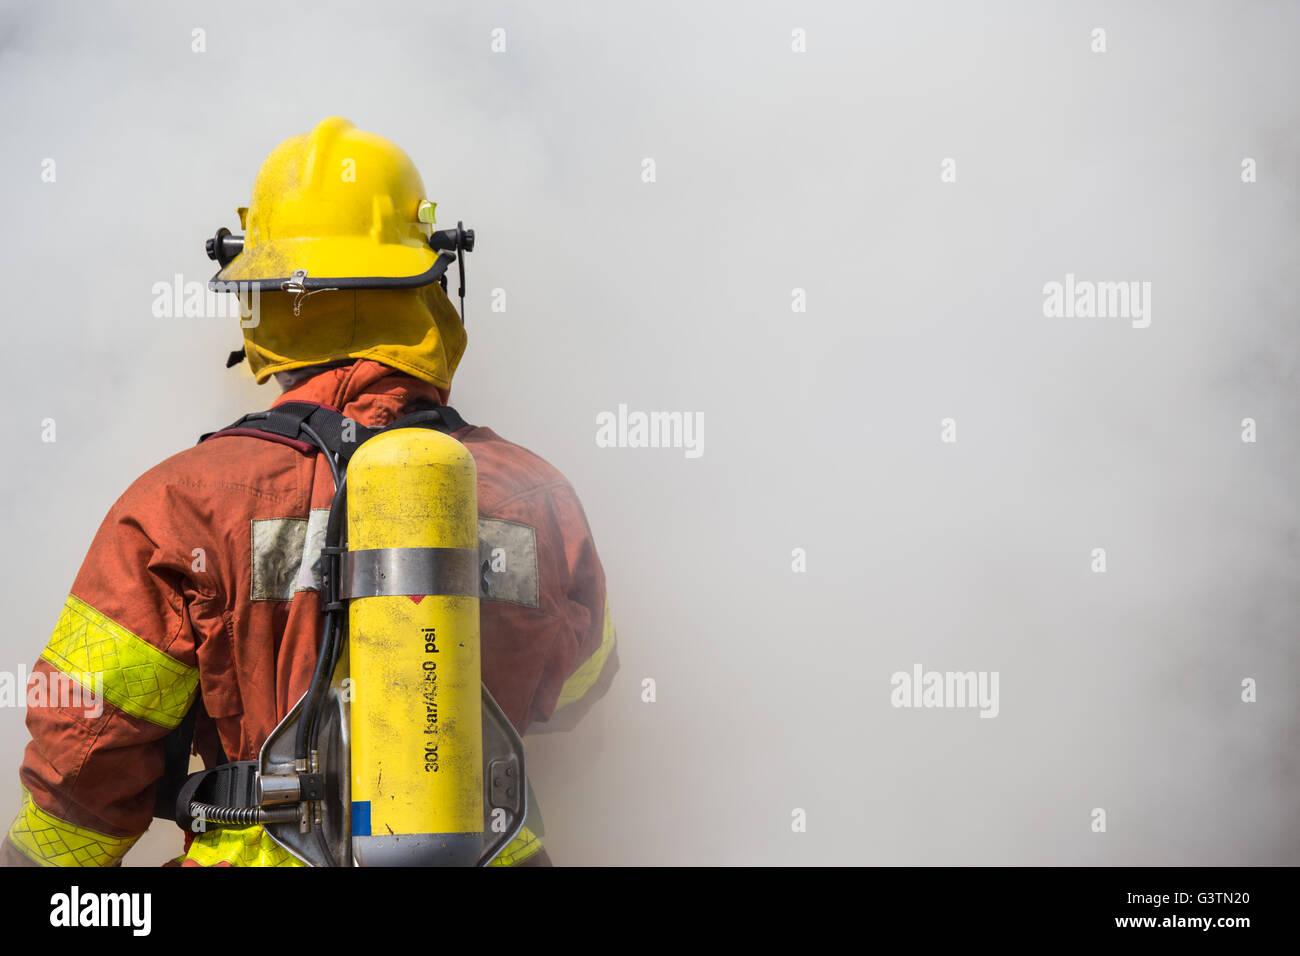 Unico vigile del fuoco sta lavorando e in surround con fumo Immagini Stock